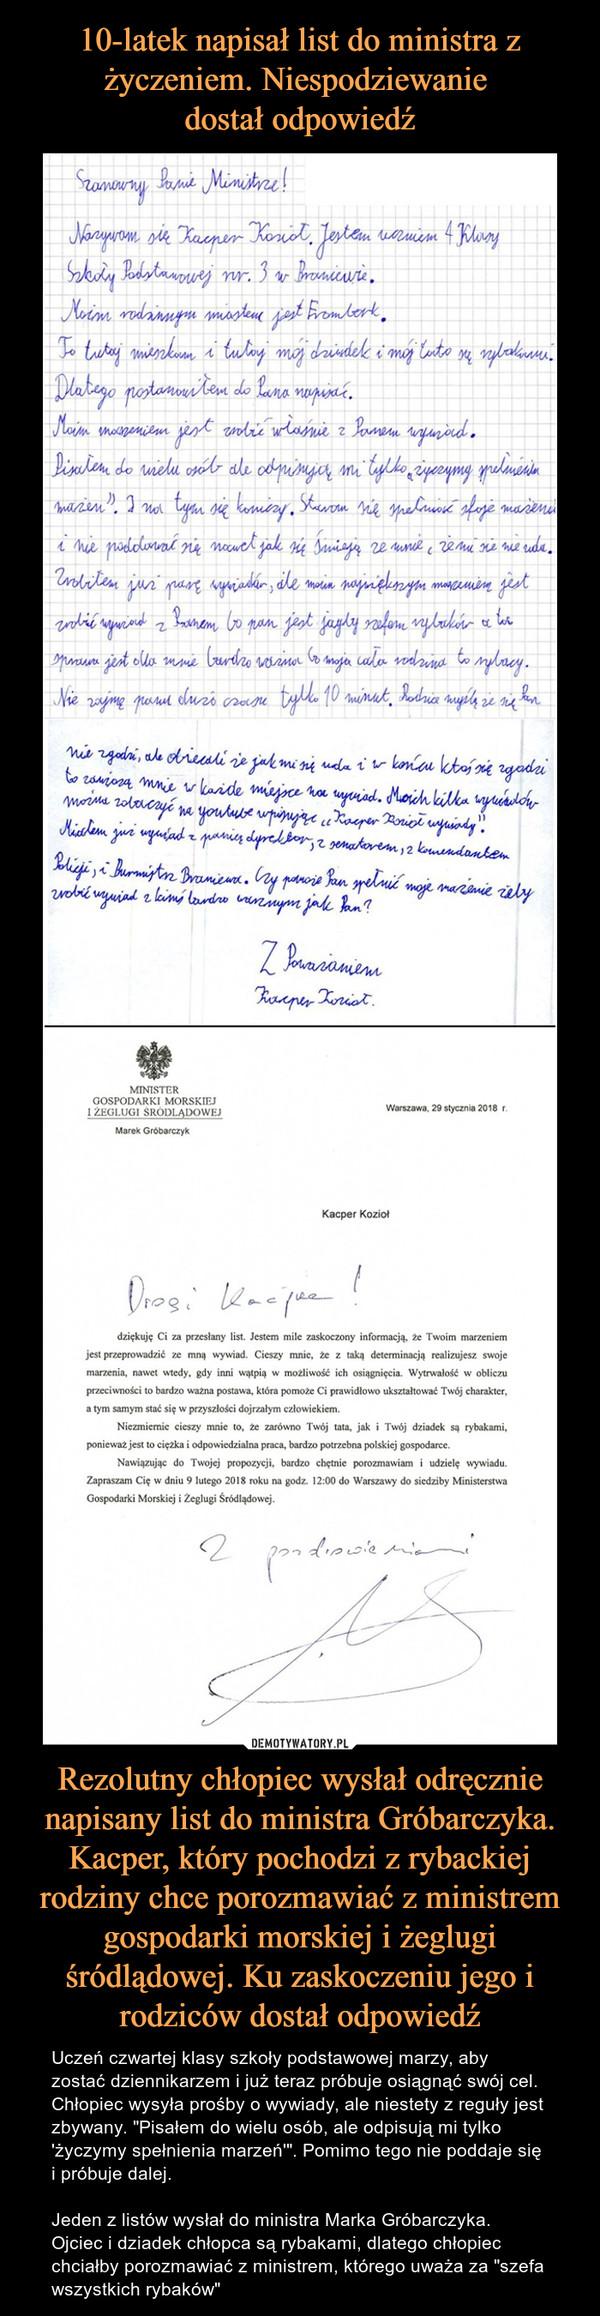 """Rezolutny chłopiec wysłał odręcznie napisany list do ministra Gróbarczyka. Kacper, który pochodzi z rybackiej rodziny chce porozmawiać z ministrem gospodarki morskiej i żeglugi śródlądowej. Ku zaskoczeniu jego i rodziców dostał odpowiedź – Uczeń czwartej klasy szkoły podstawowej marzy, aby zostać dziennikarzem i już teraz próbuje osiągnąć swój cel. Chłopiec wysyła prośby o wywiady, ale niestety z reguły jest zbywany. """"Pisałem do wielu osób, ale odpisują mi tylko 'życzymy spełnienia marzeń'"""". Pomimo tego nie poddaje się i próbuje dalej.Jeden z listów wysłał do ministra Marka Gróbarczyka. Ojciec i dziadek chłopca są rybakami, dlatego chłopiec chciałby porozmawiać z ministrem, którego uważa za """"szefa wszystkich rybaków"""""""